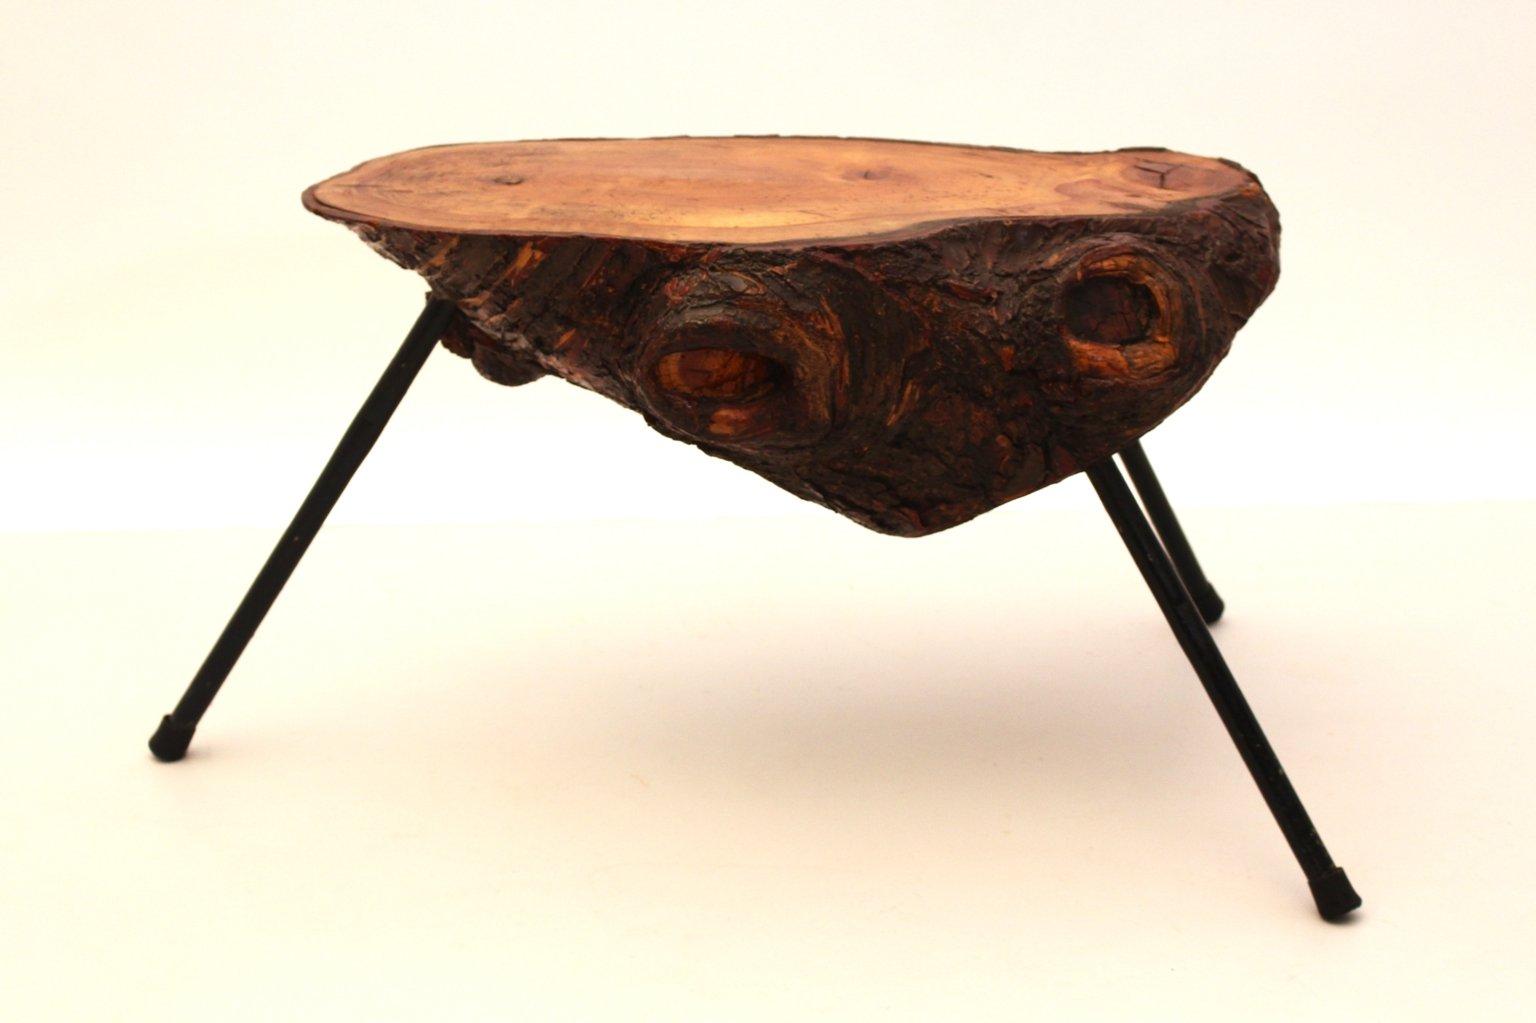 table tronc d 39 arbre autriche 1950s en vente sur pamono. Black Bedroom Furniture Sets. Home Design Ideas